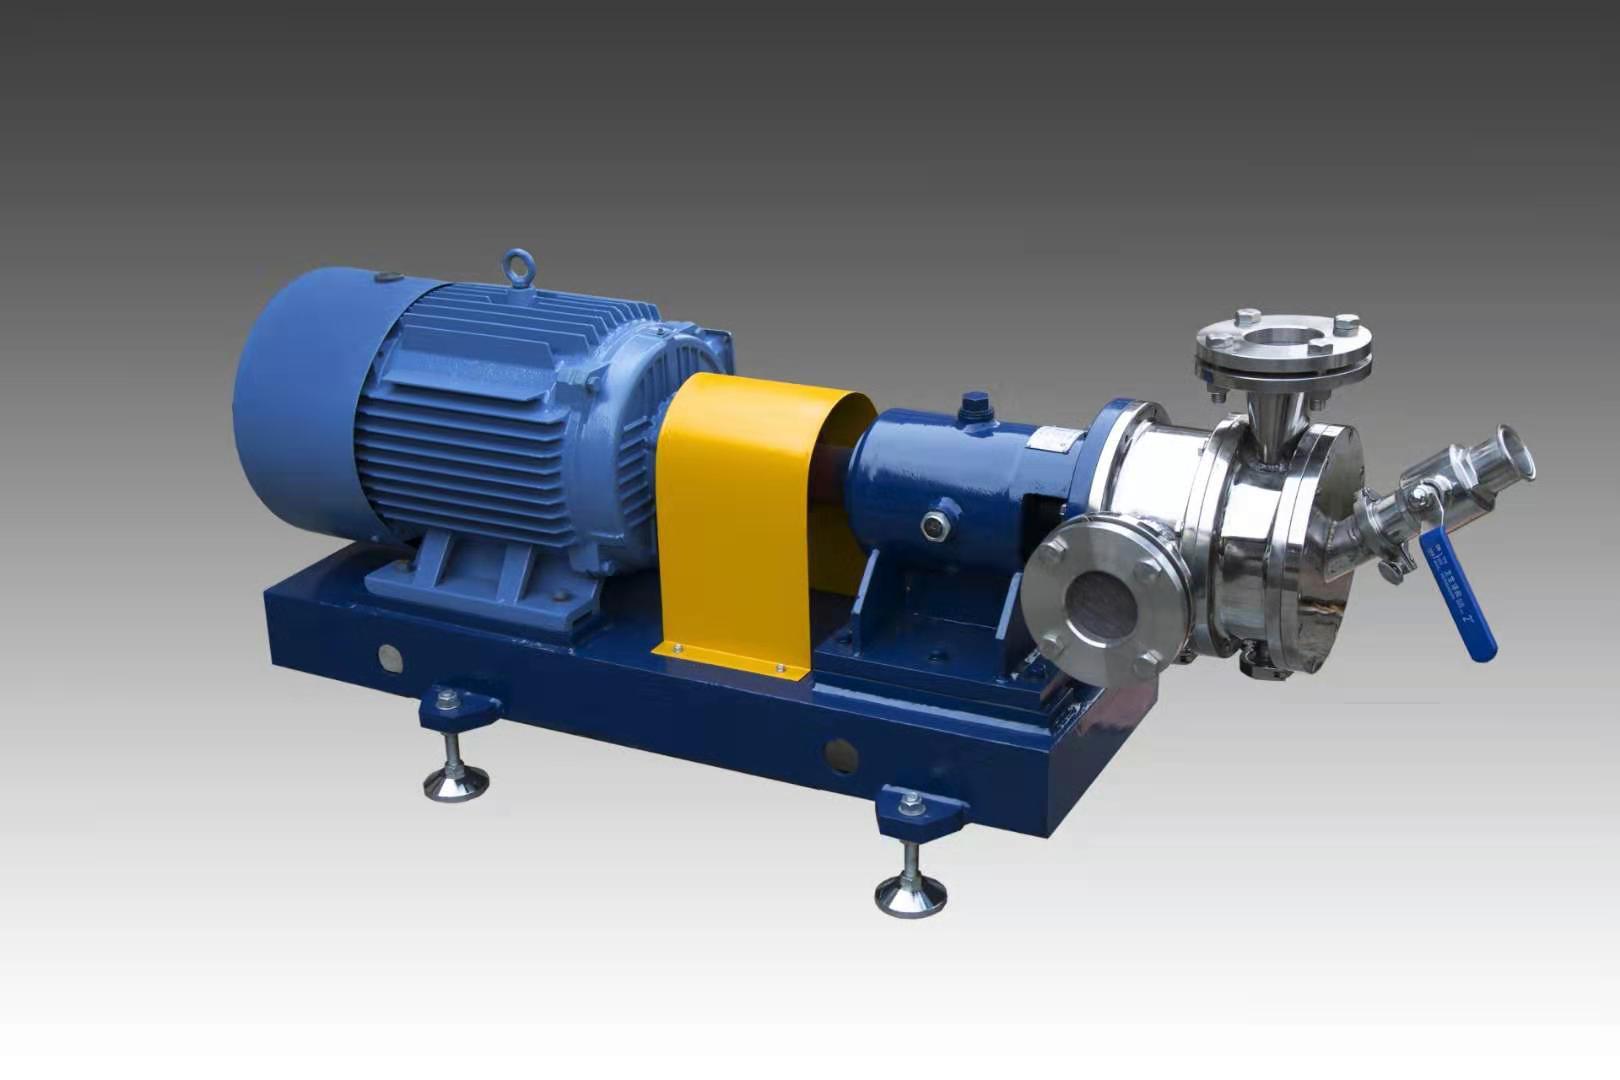 江苏官方吸粉泵制造厂家 和谐共赢 上海威广机械制造供应